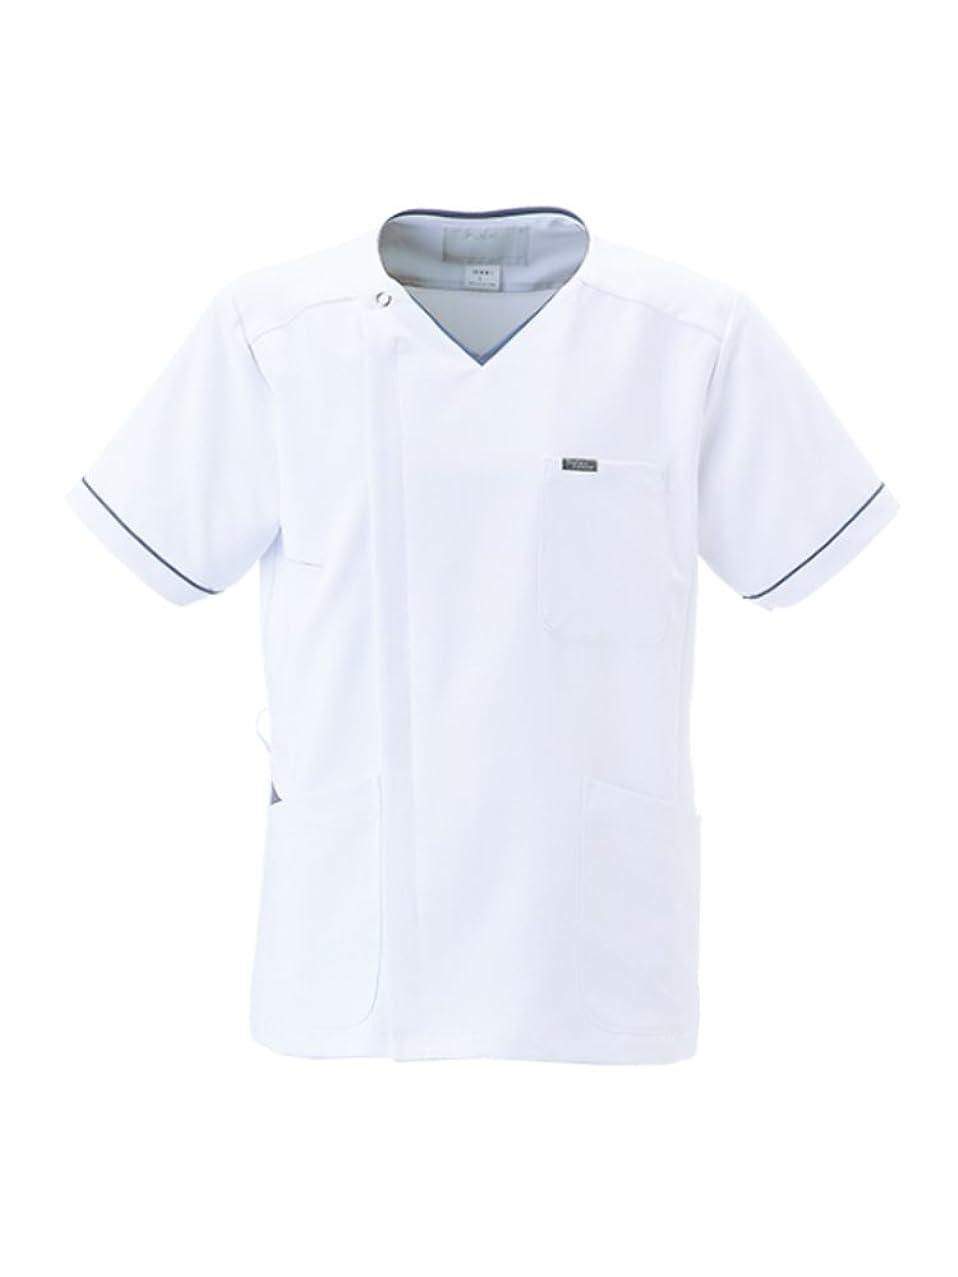 チャレンジ納屋変な(フォーク) FOLK 男子 メンズ ジップスクラブ メディカルウェア 白衣 1016EW